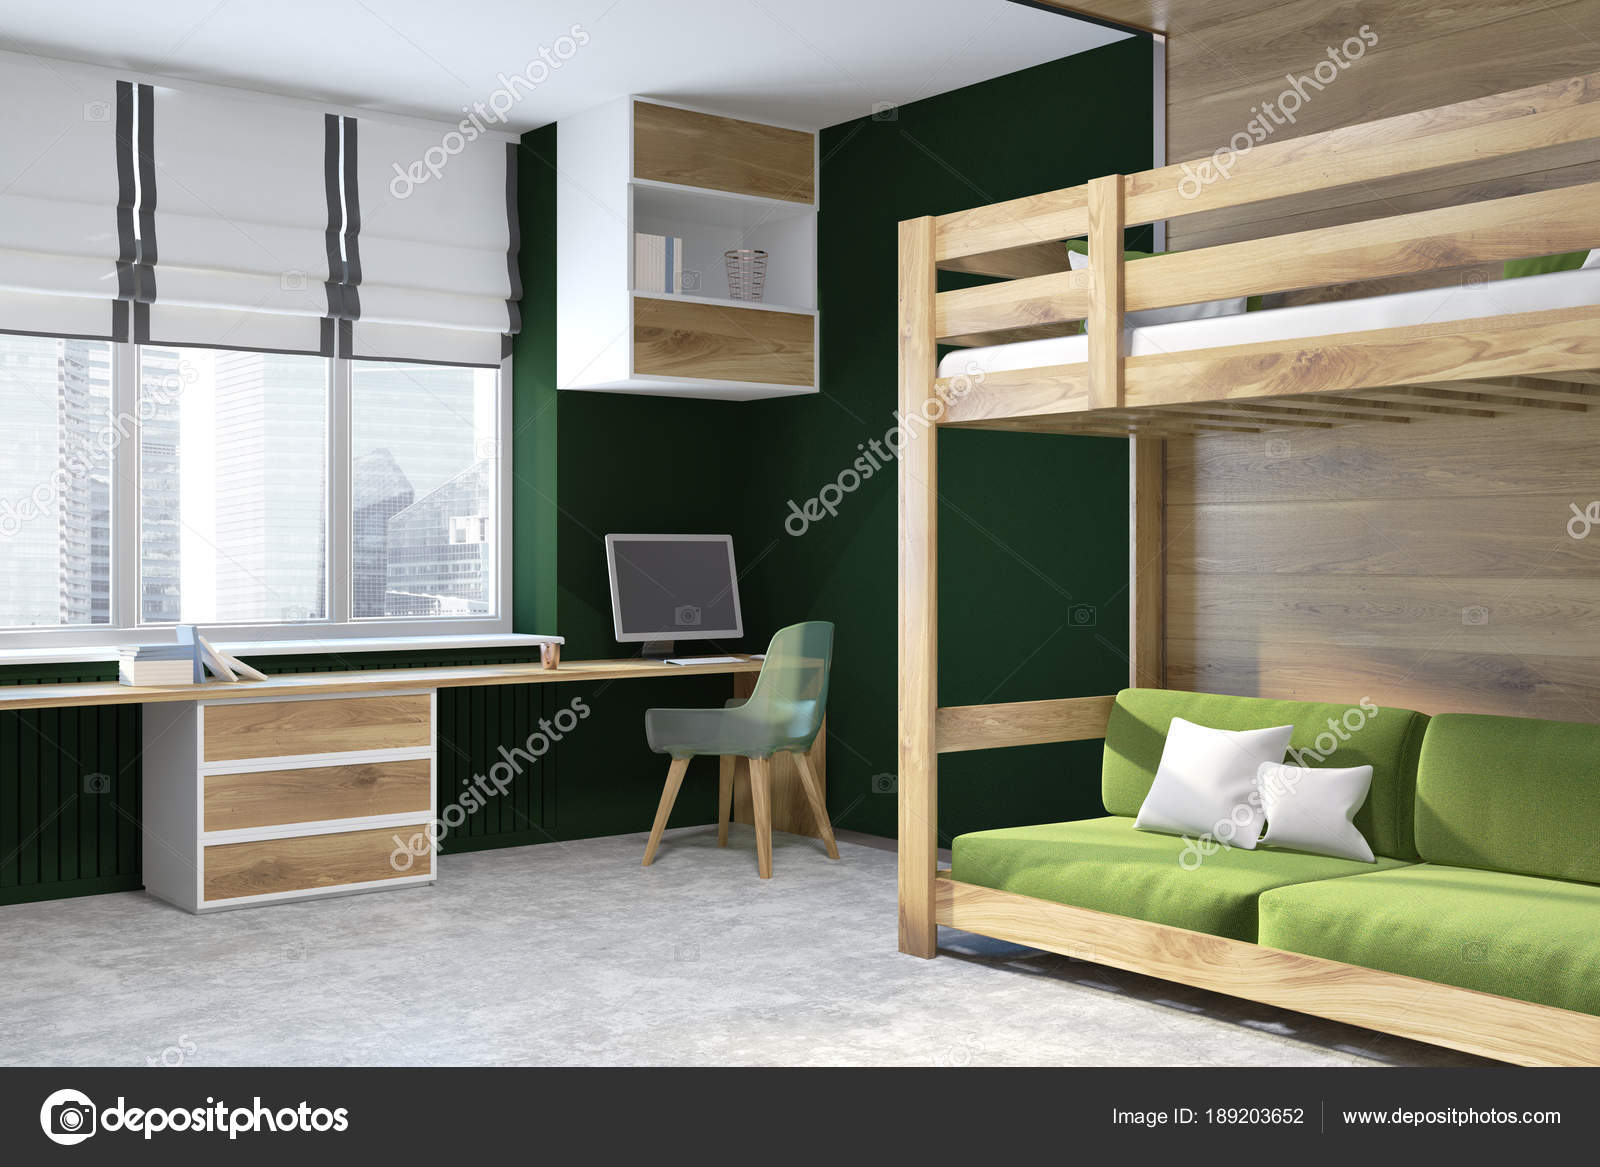 Parete Verde Ufficio : Letto a soppalco casa ufficio verde parete nera u2014 foto stock